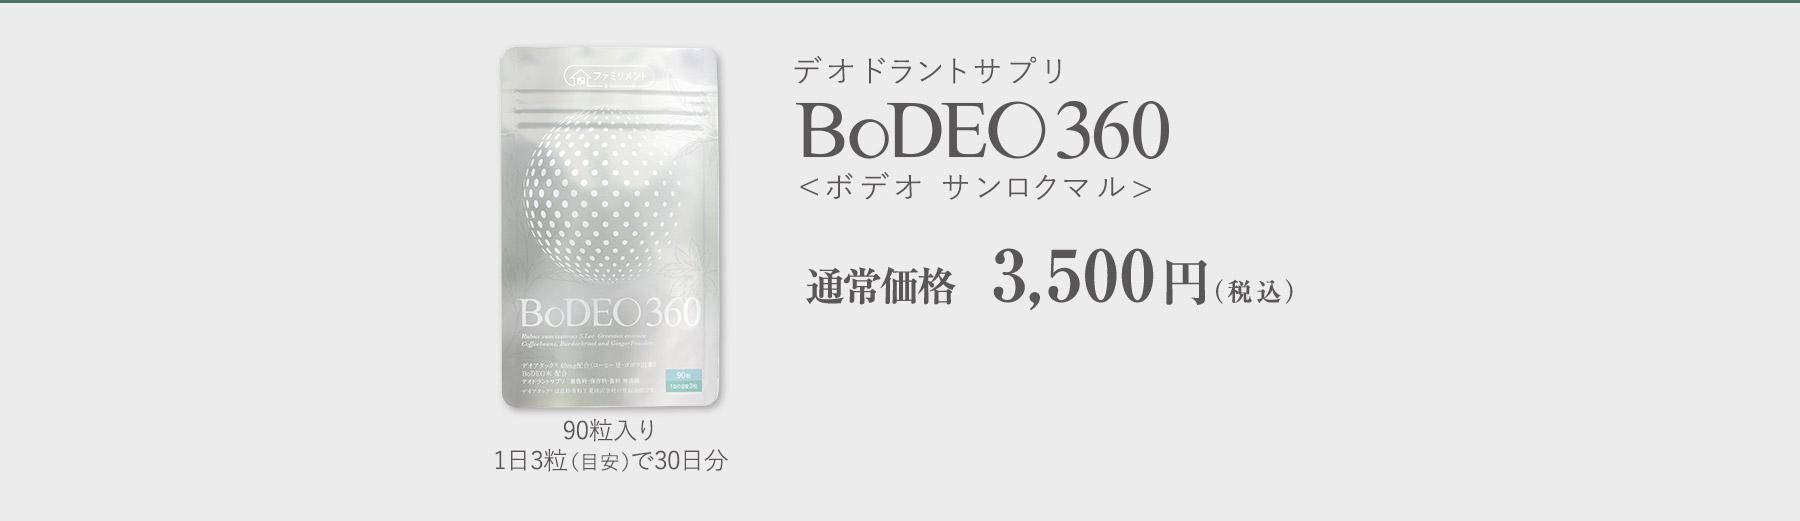 通常価格 3,500円